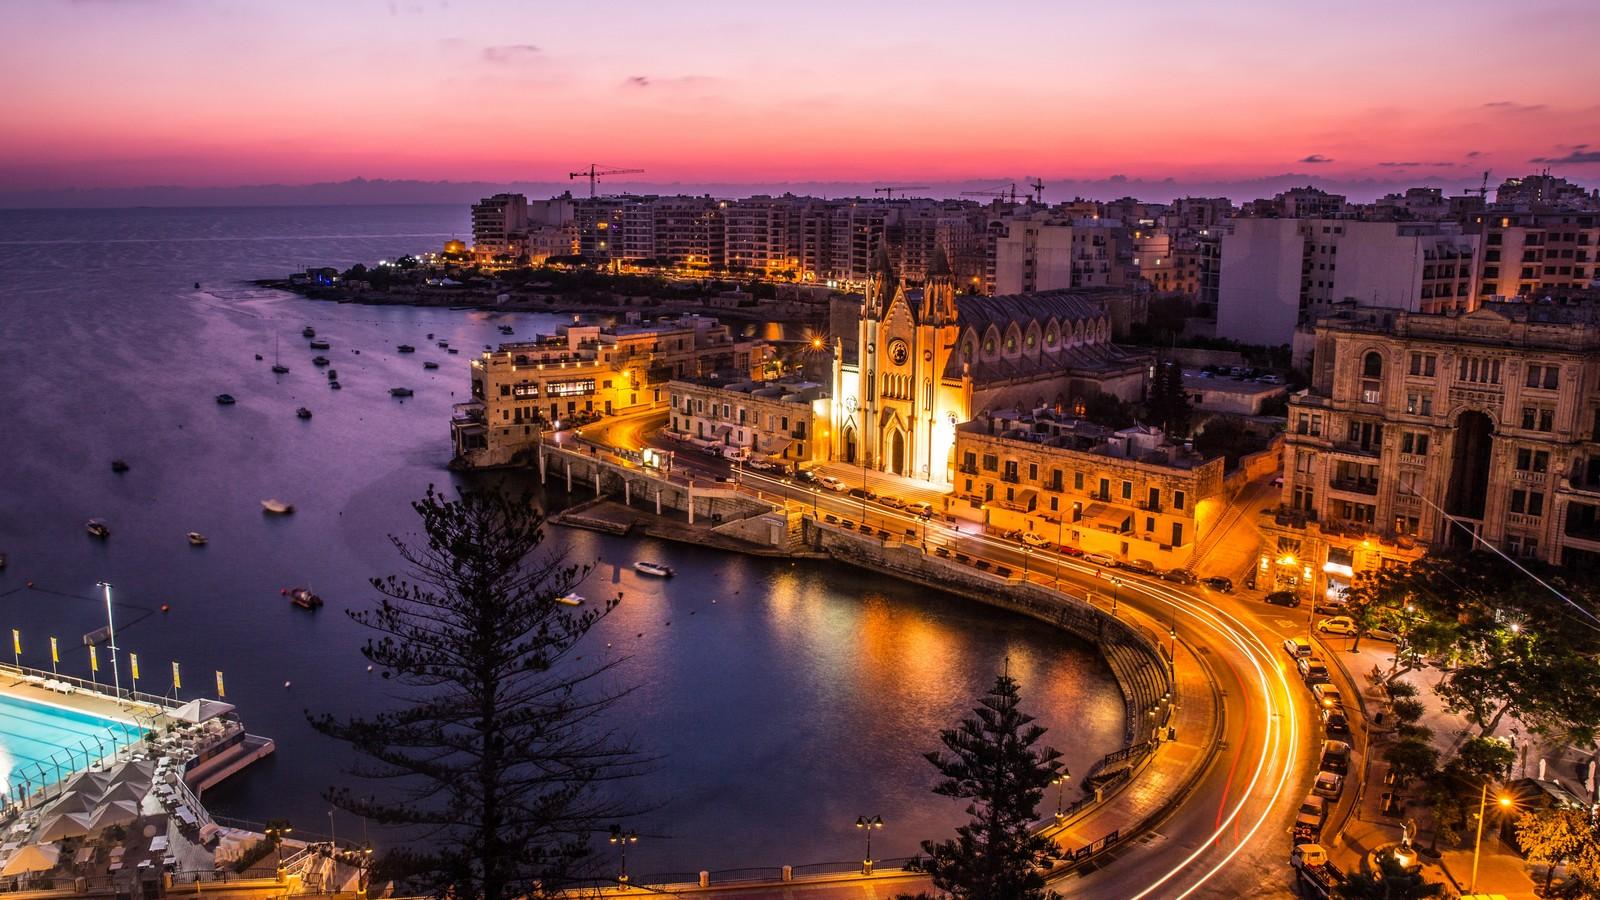 Sunset Le Meridien Malta 1 - Home